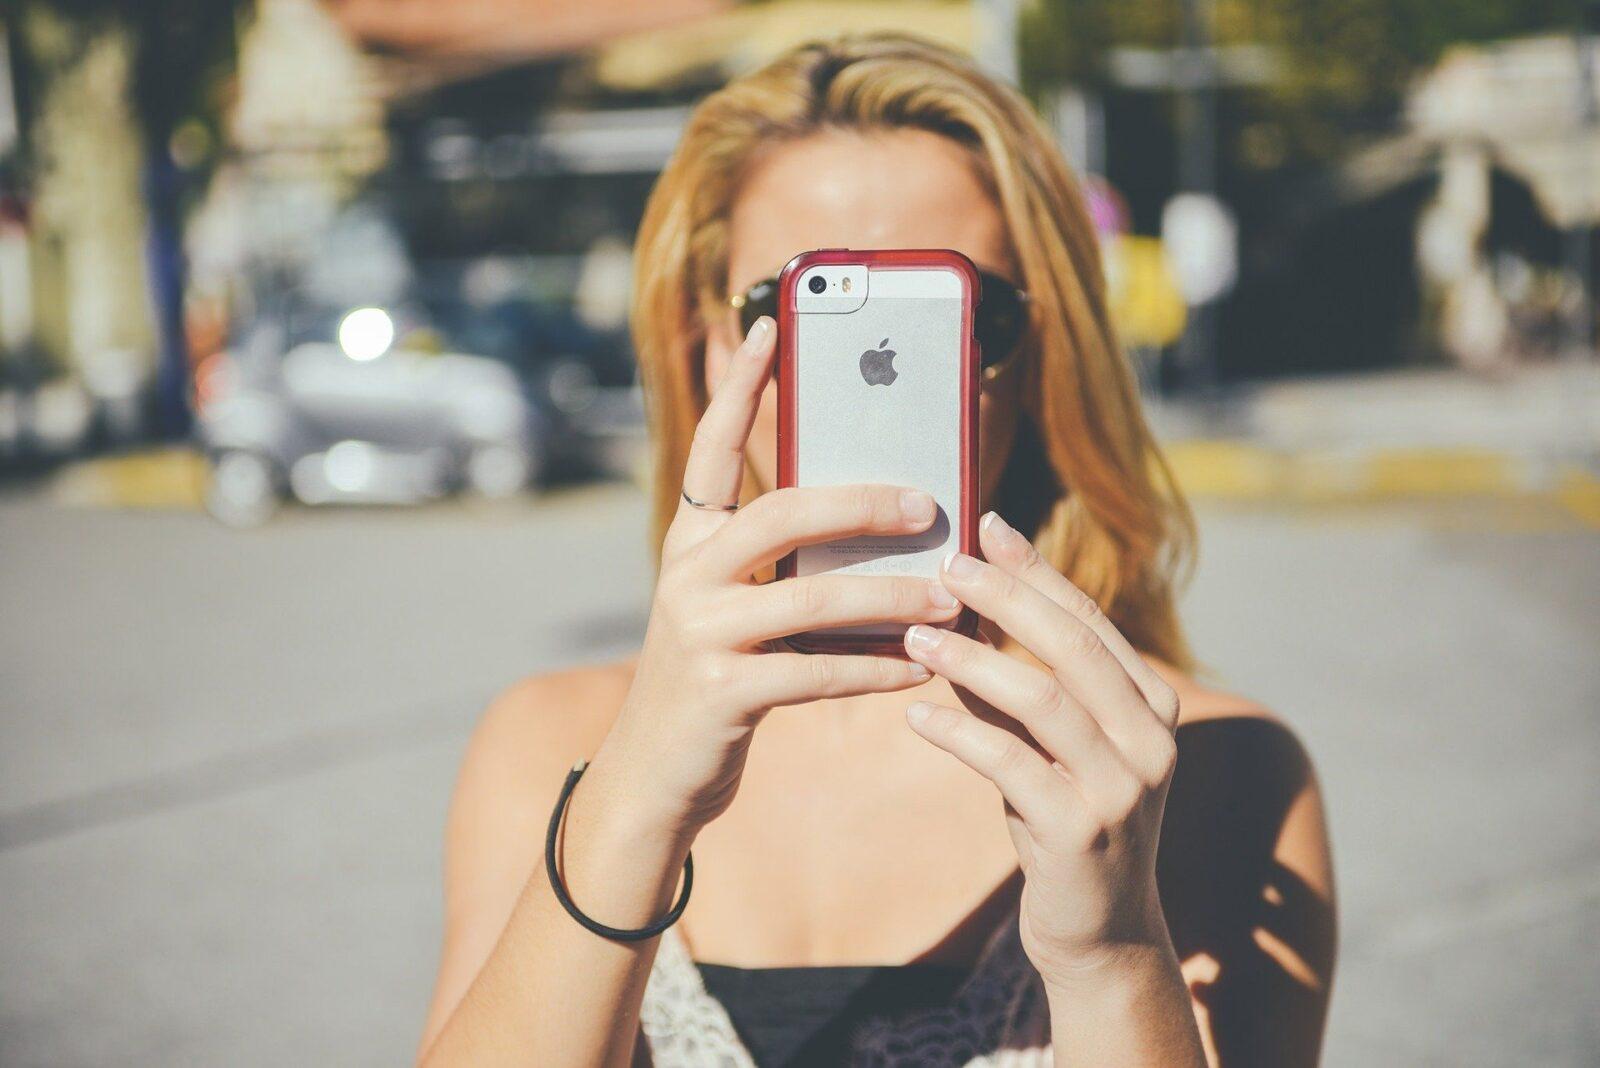 Нарушения ПДД разрешат фиксировать на мобильные телефоны со следующего года